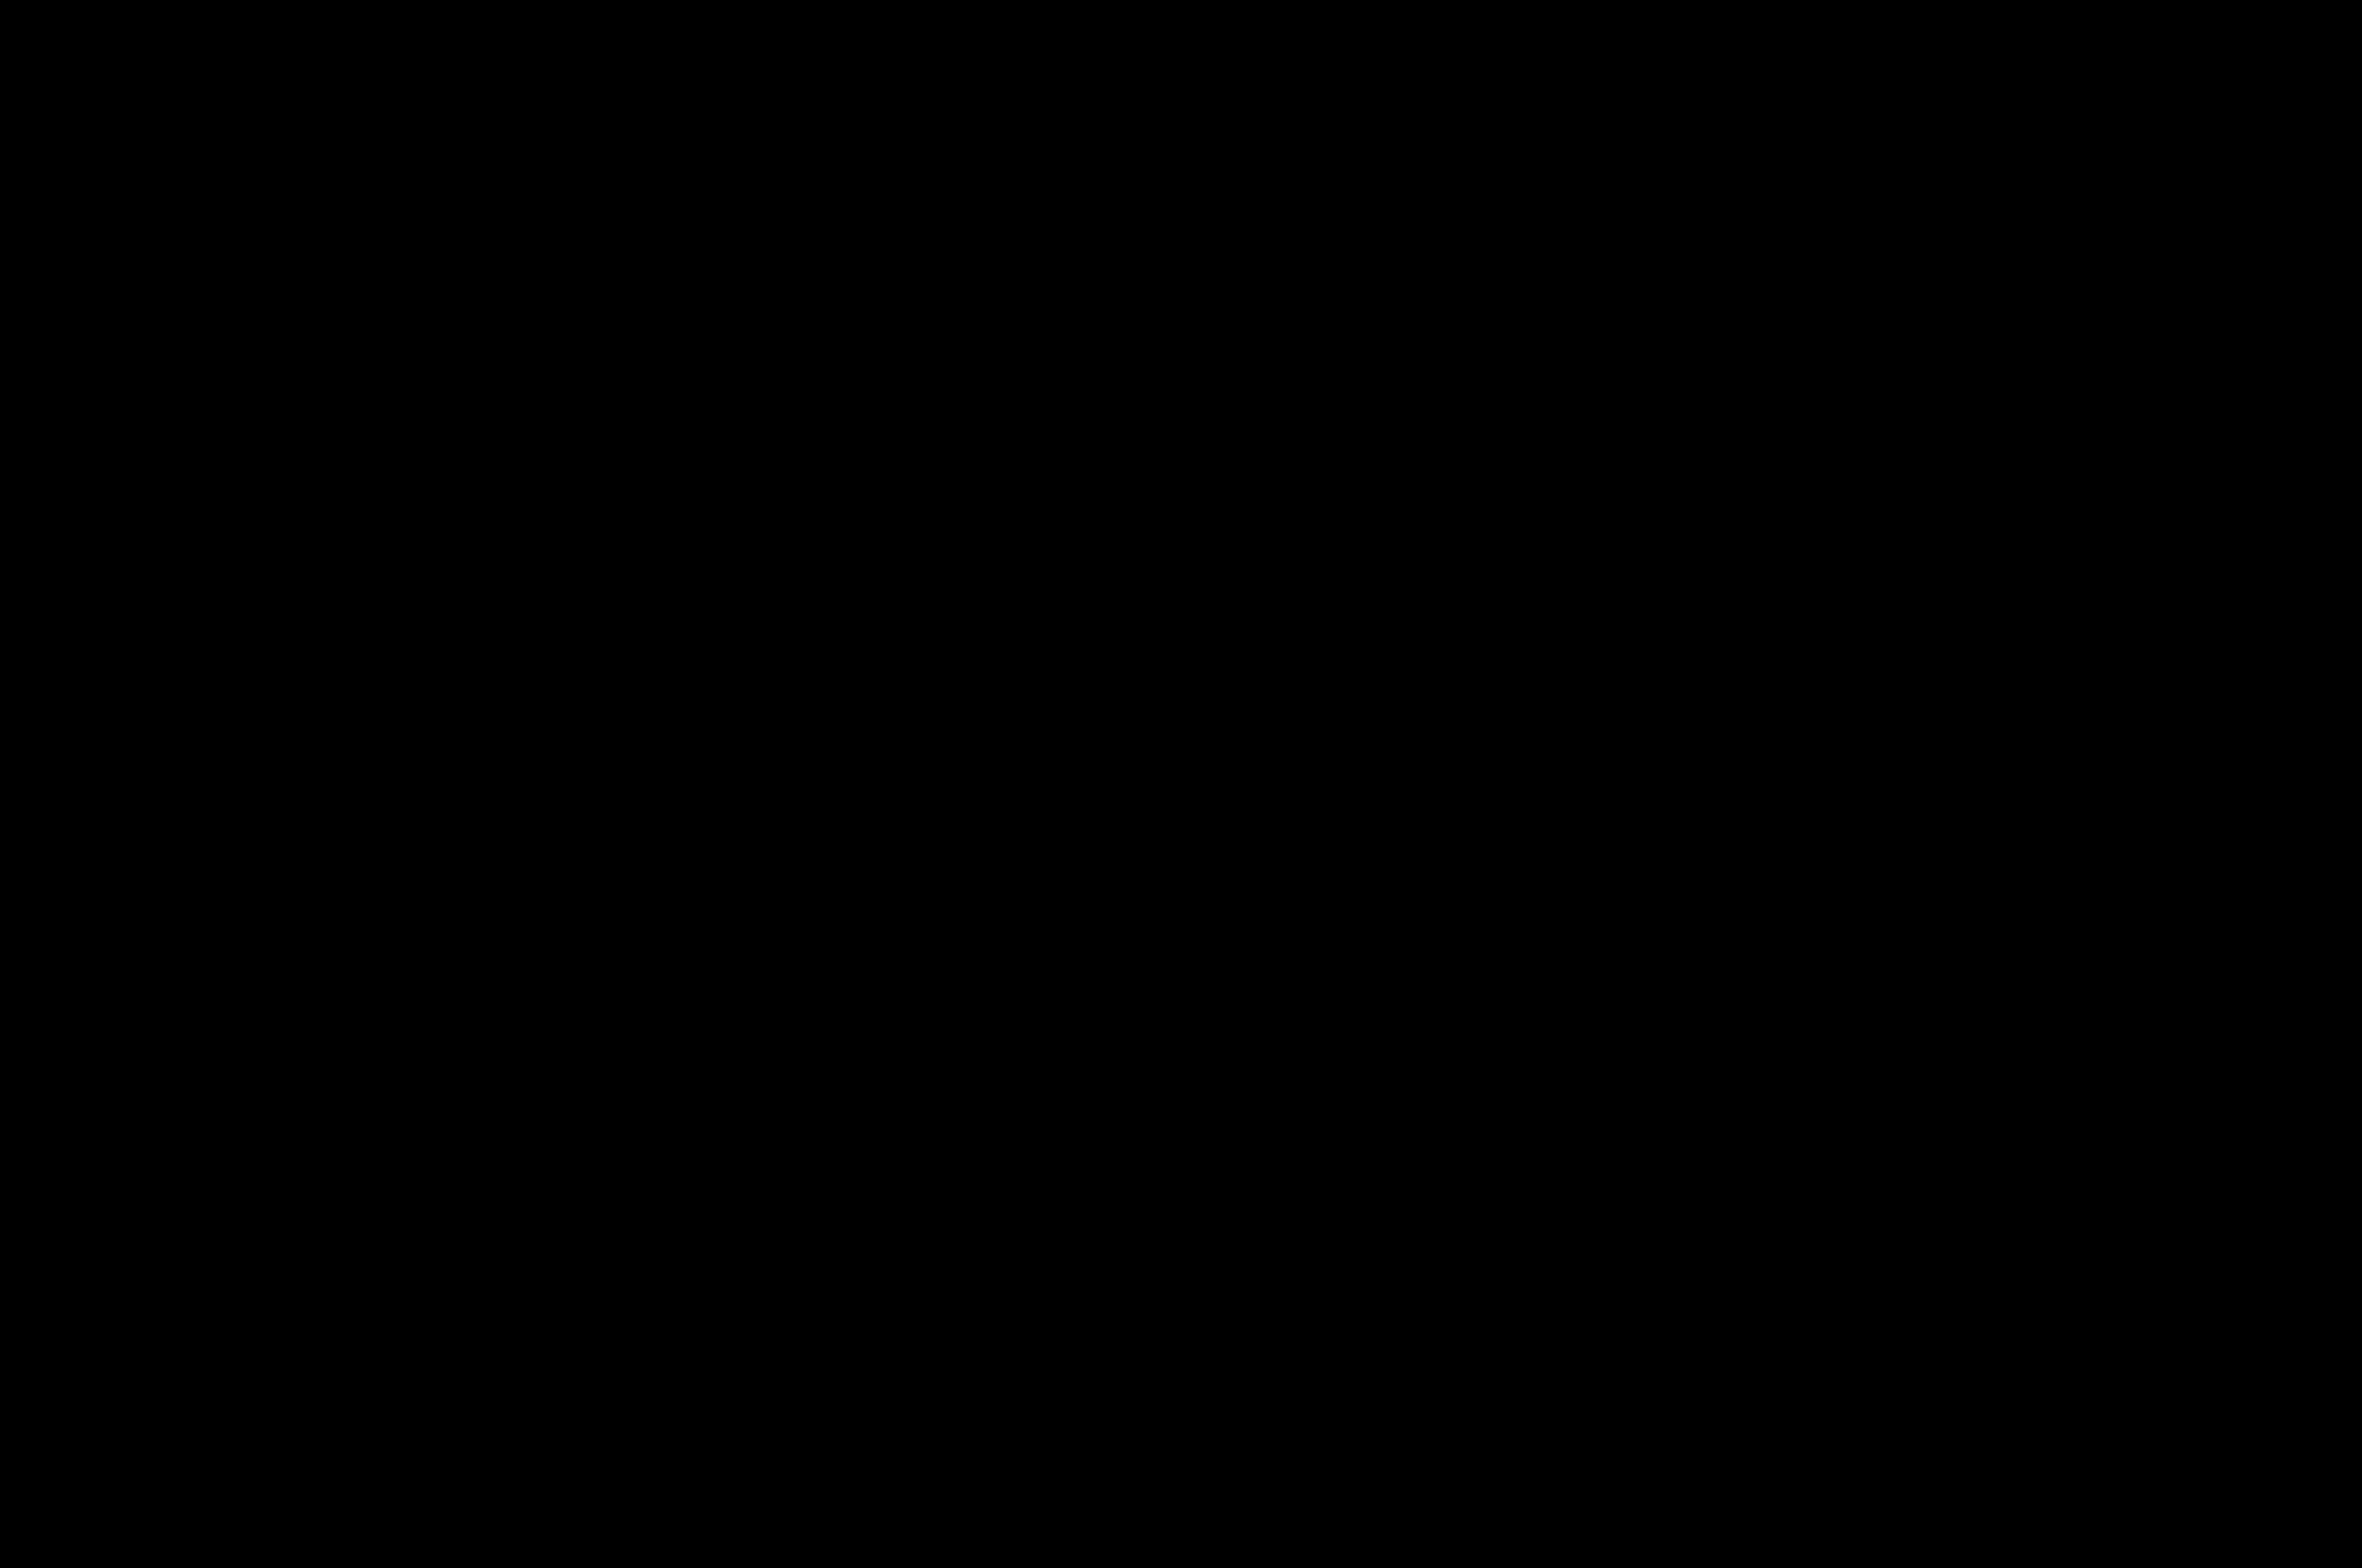 OFFICIALSELECTION-EKOTOPFILMENVIROFILM-2017_black2.png